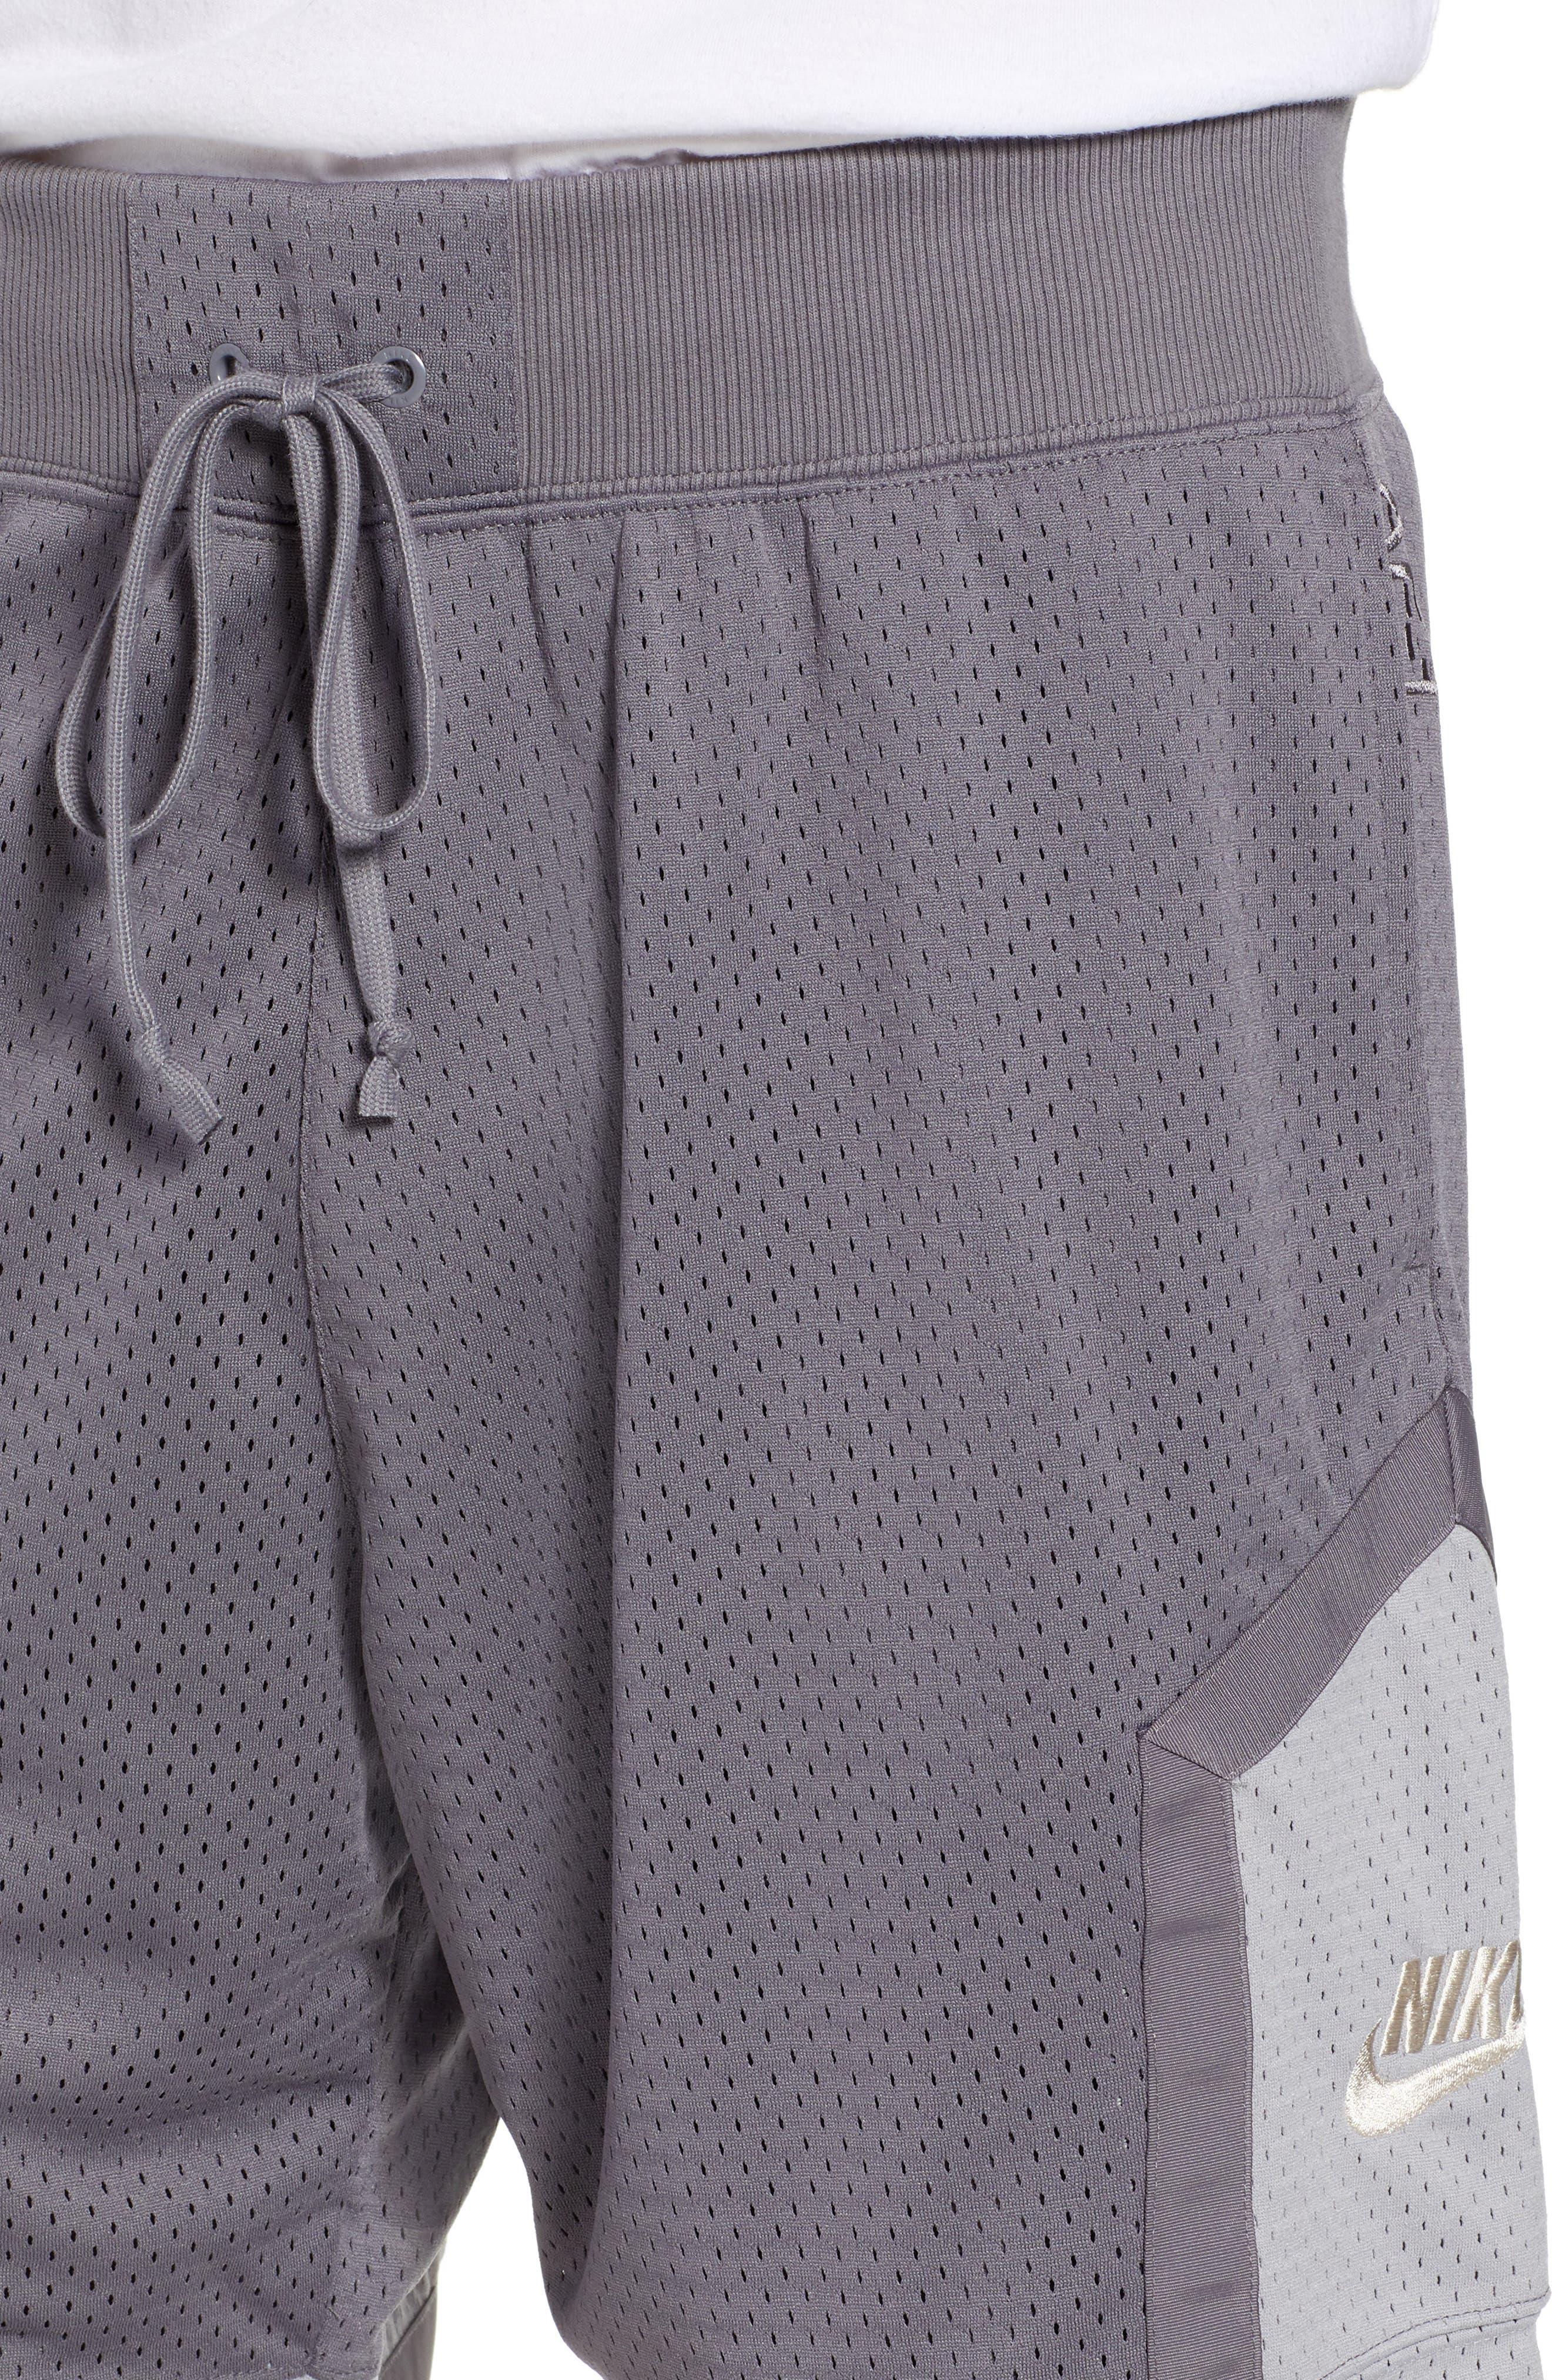 NSW AF1 Shorts,                             Alternate thumbnail 4, color,                             GUNSMOKE/ GREY/ OREWOOD